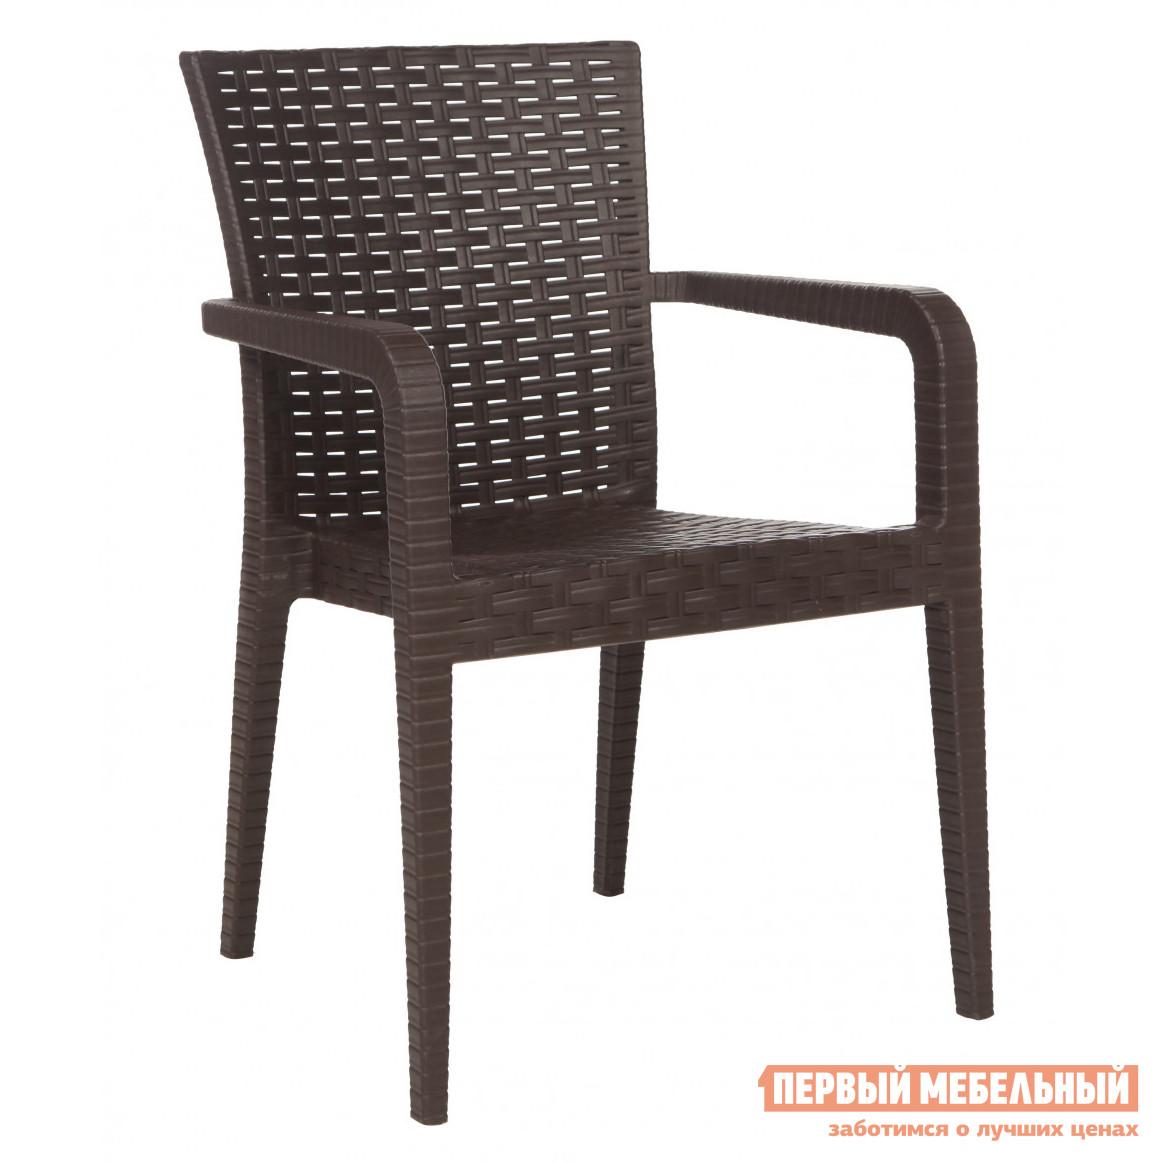 Плетеное кресло Рихаус Кресло пластиковое Alberta DEL/ALB-R/ARM/W